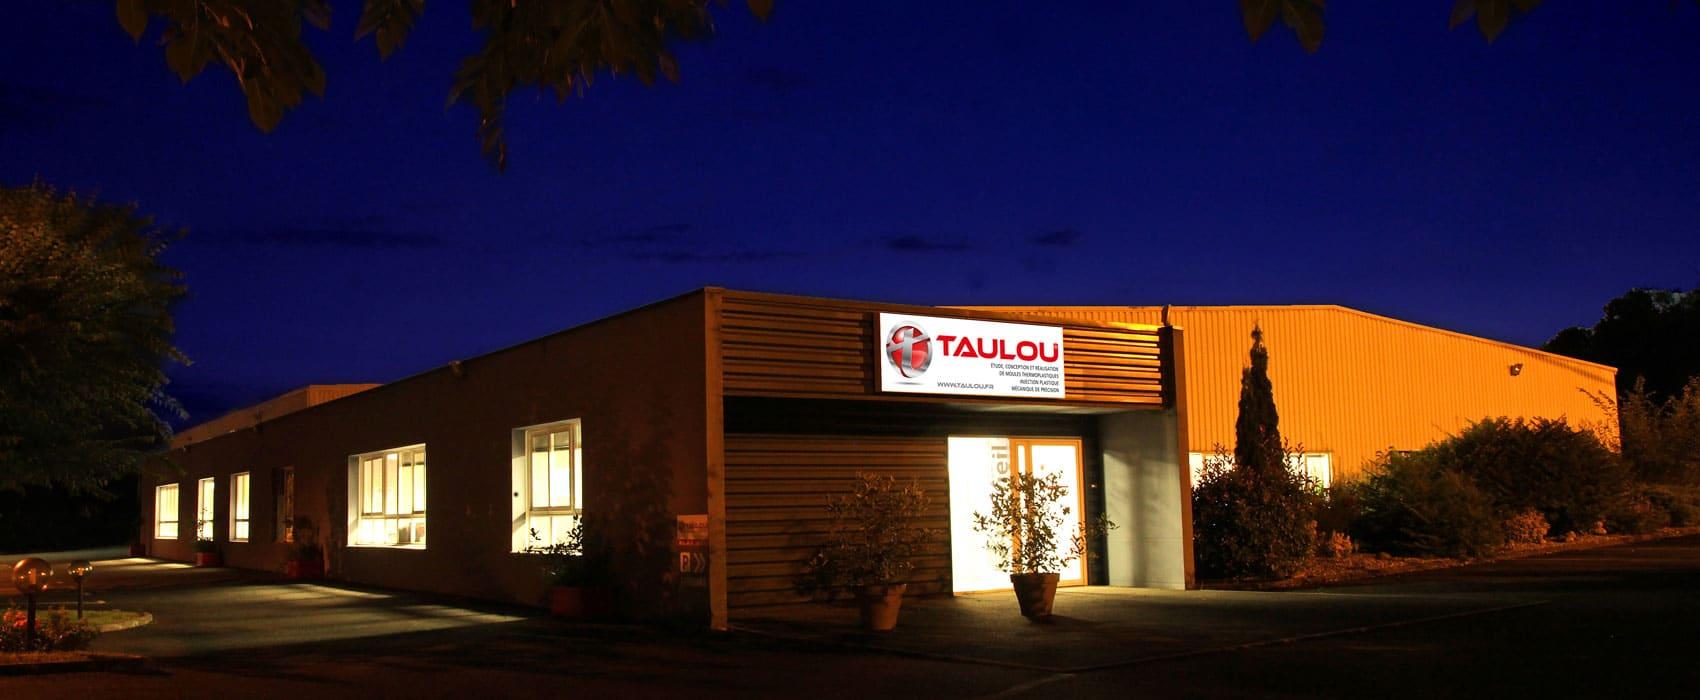 Société TAULOU : conception et fabrication de moules de haute qualité : moules métalliques pour injection plastique